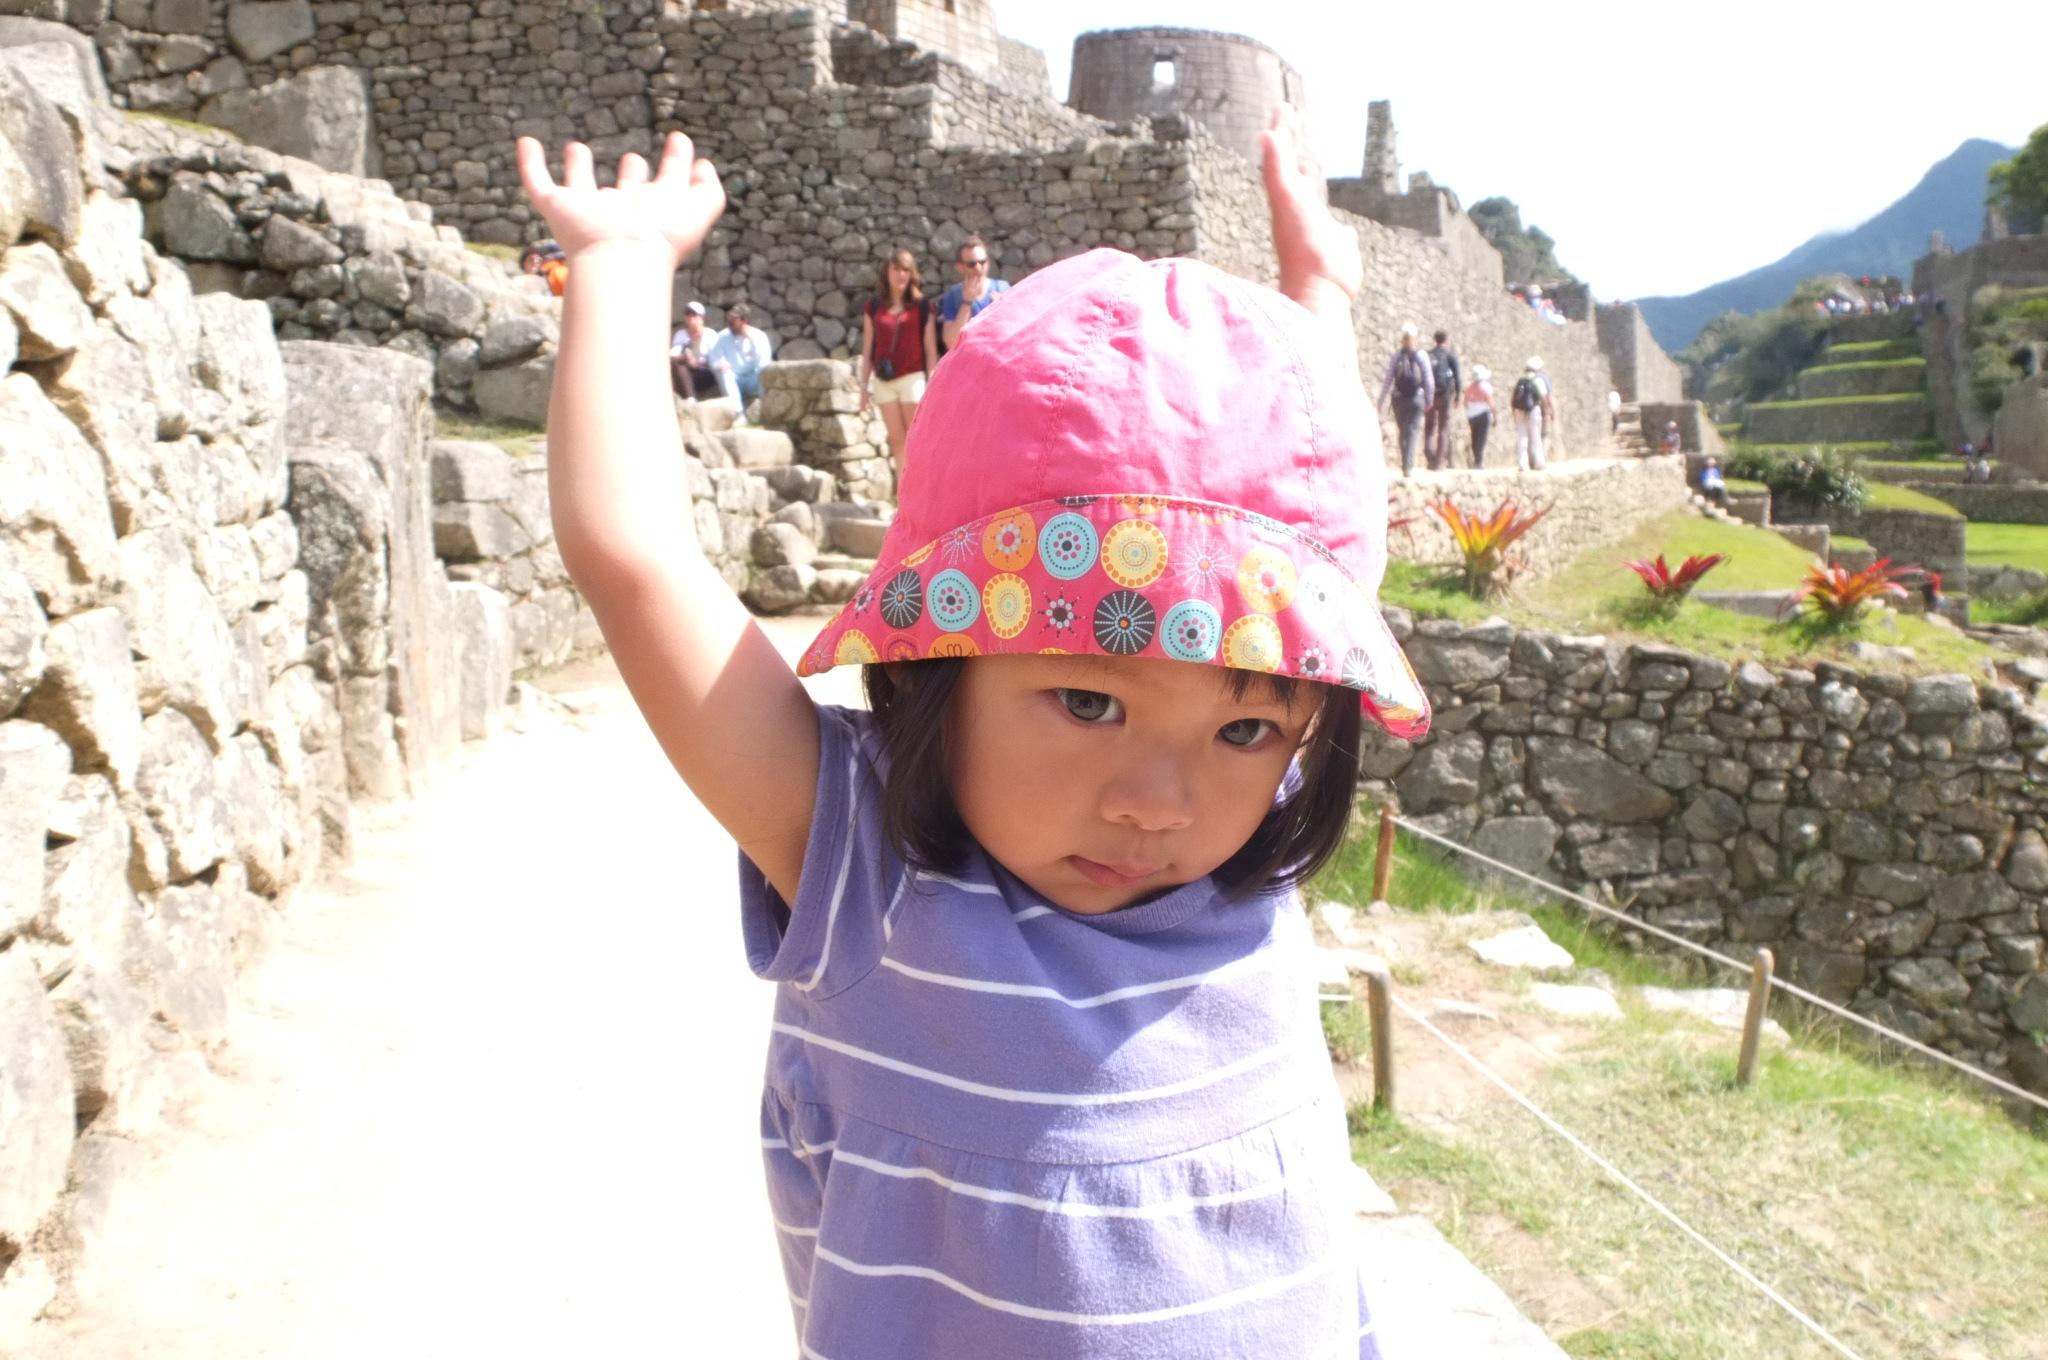 Talia having fun in Machu Picchu.